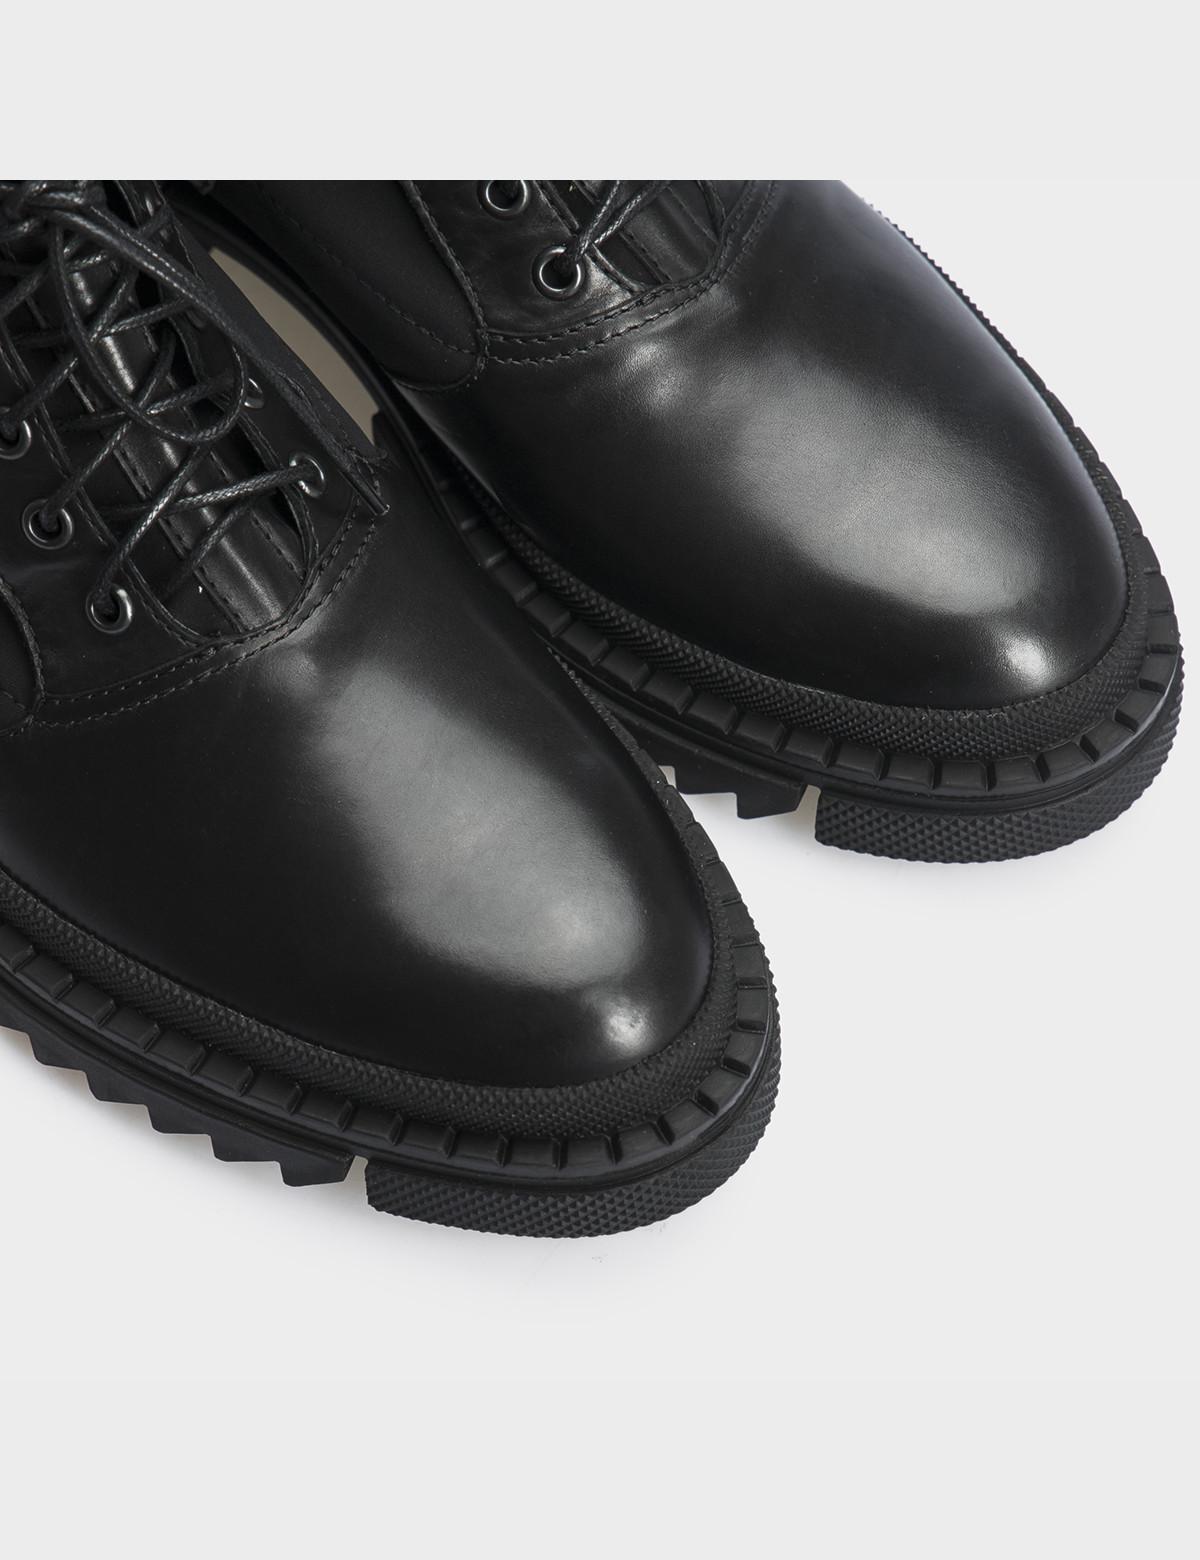 Ботинки черные, натуральная кожа/стрейч. Байка4